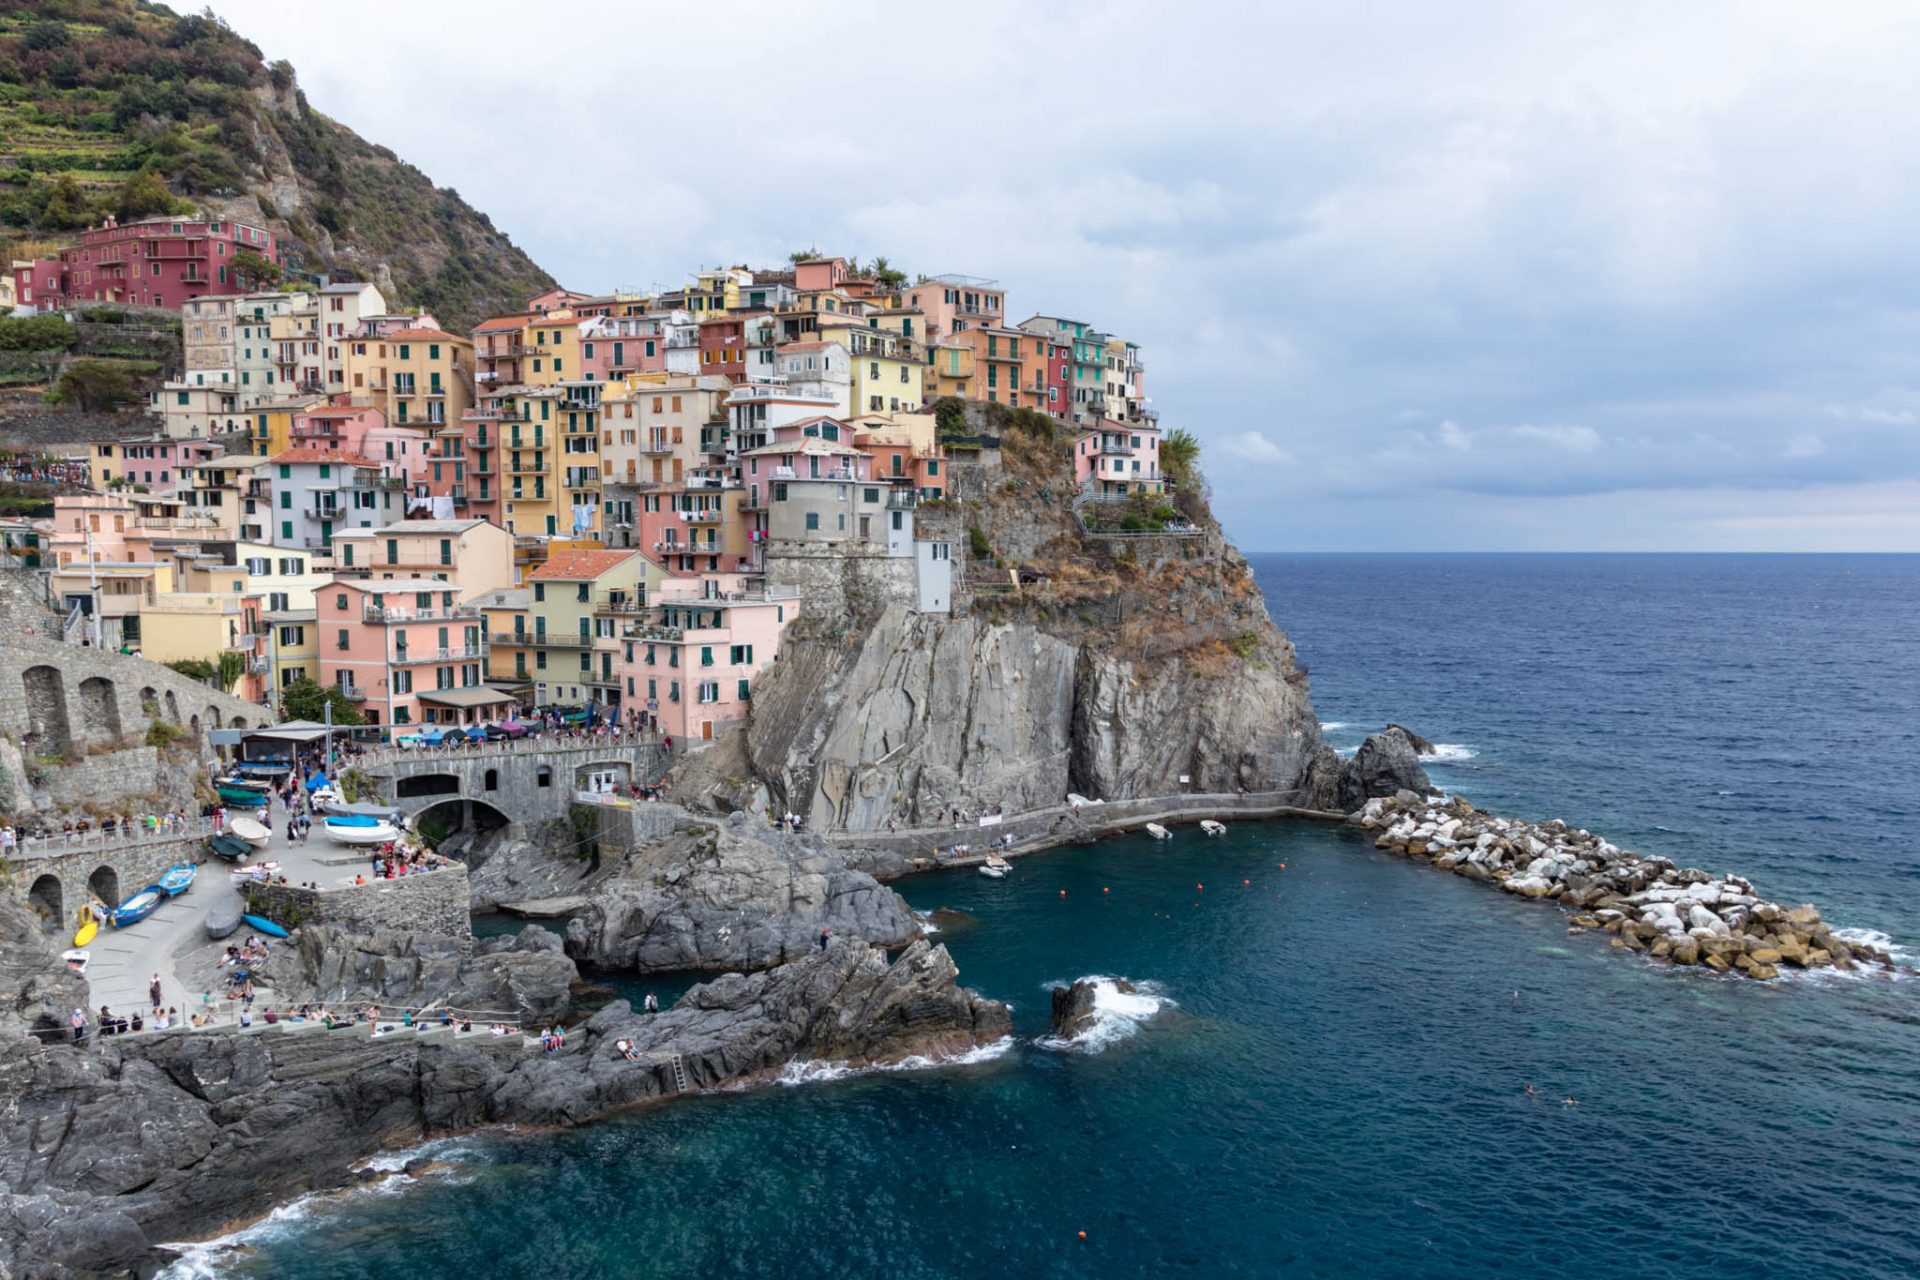 Zehn Tage, 3000km, 15 Orte: Mein Roadtrip durch die Toskana